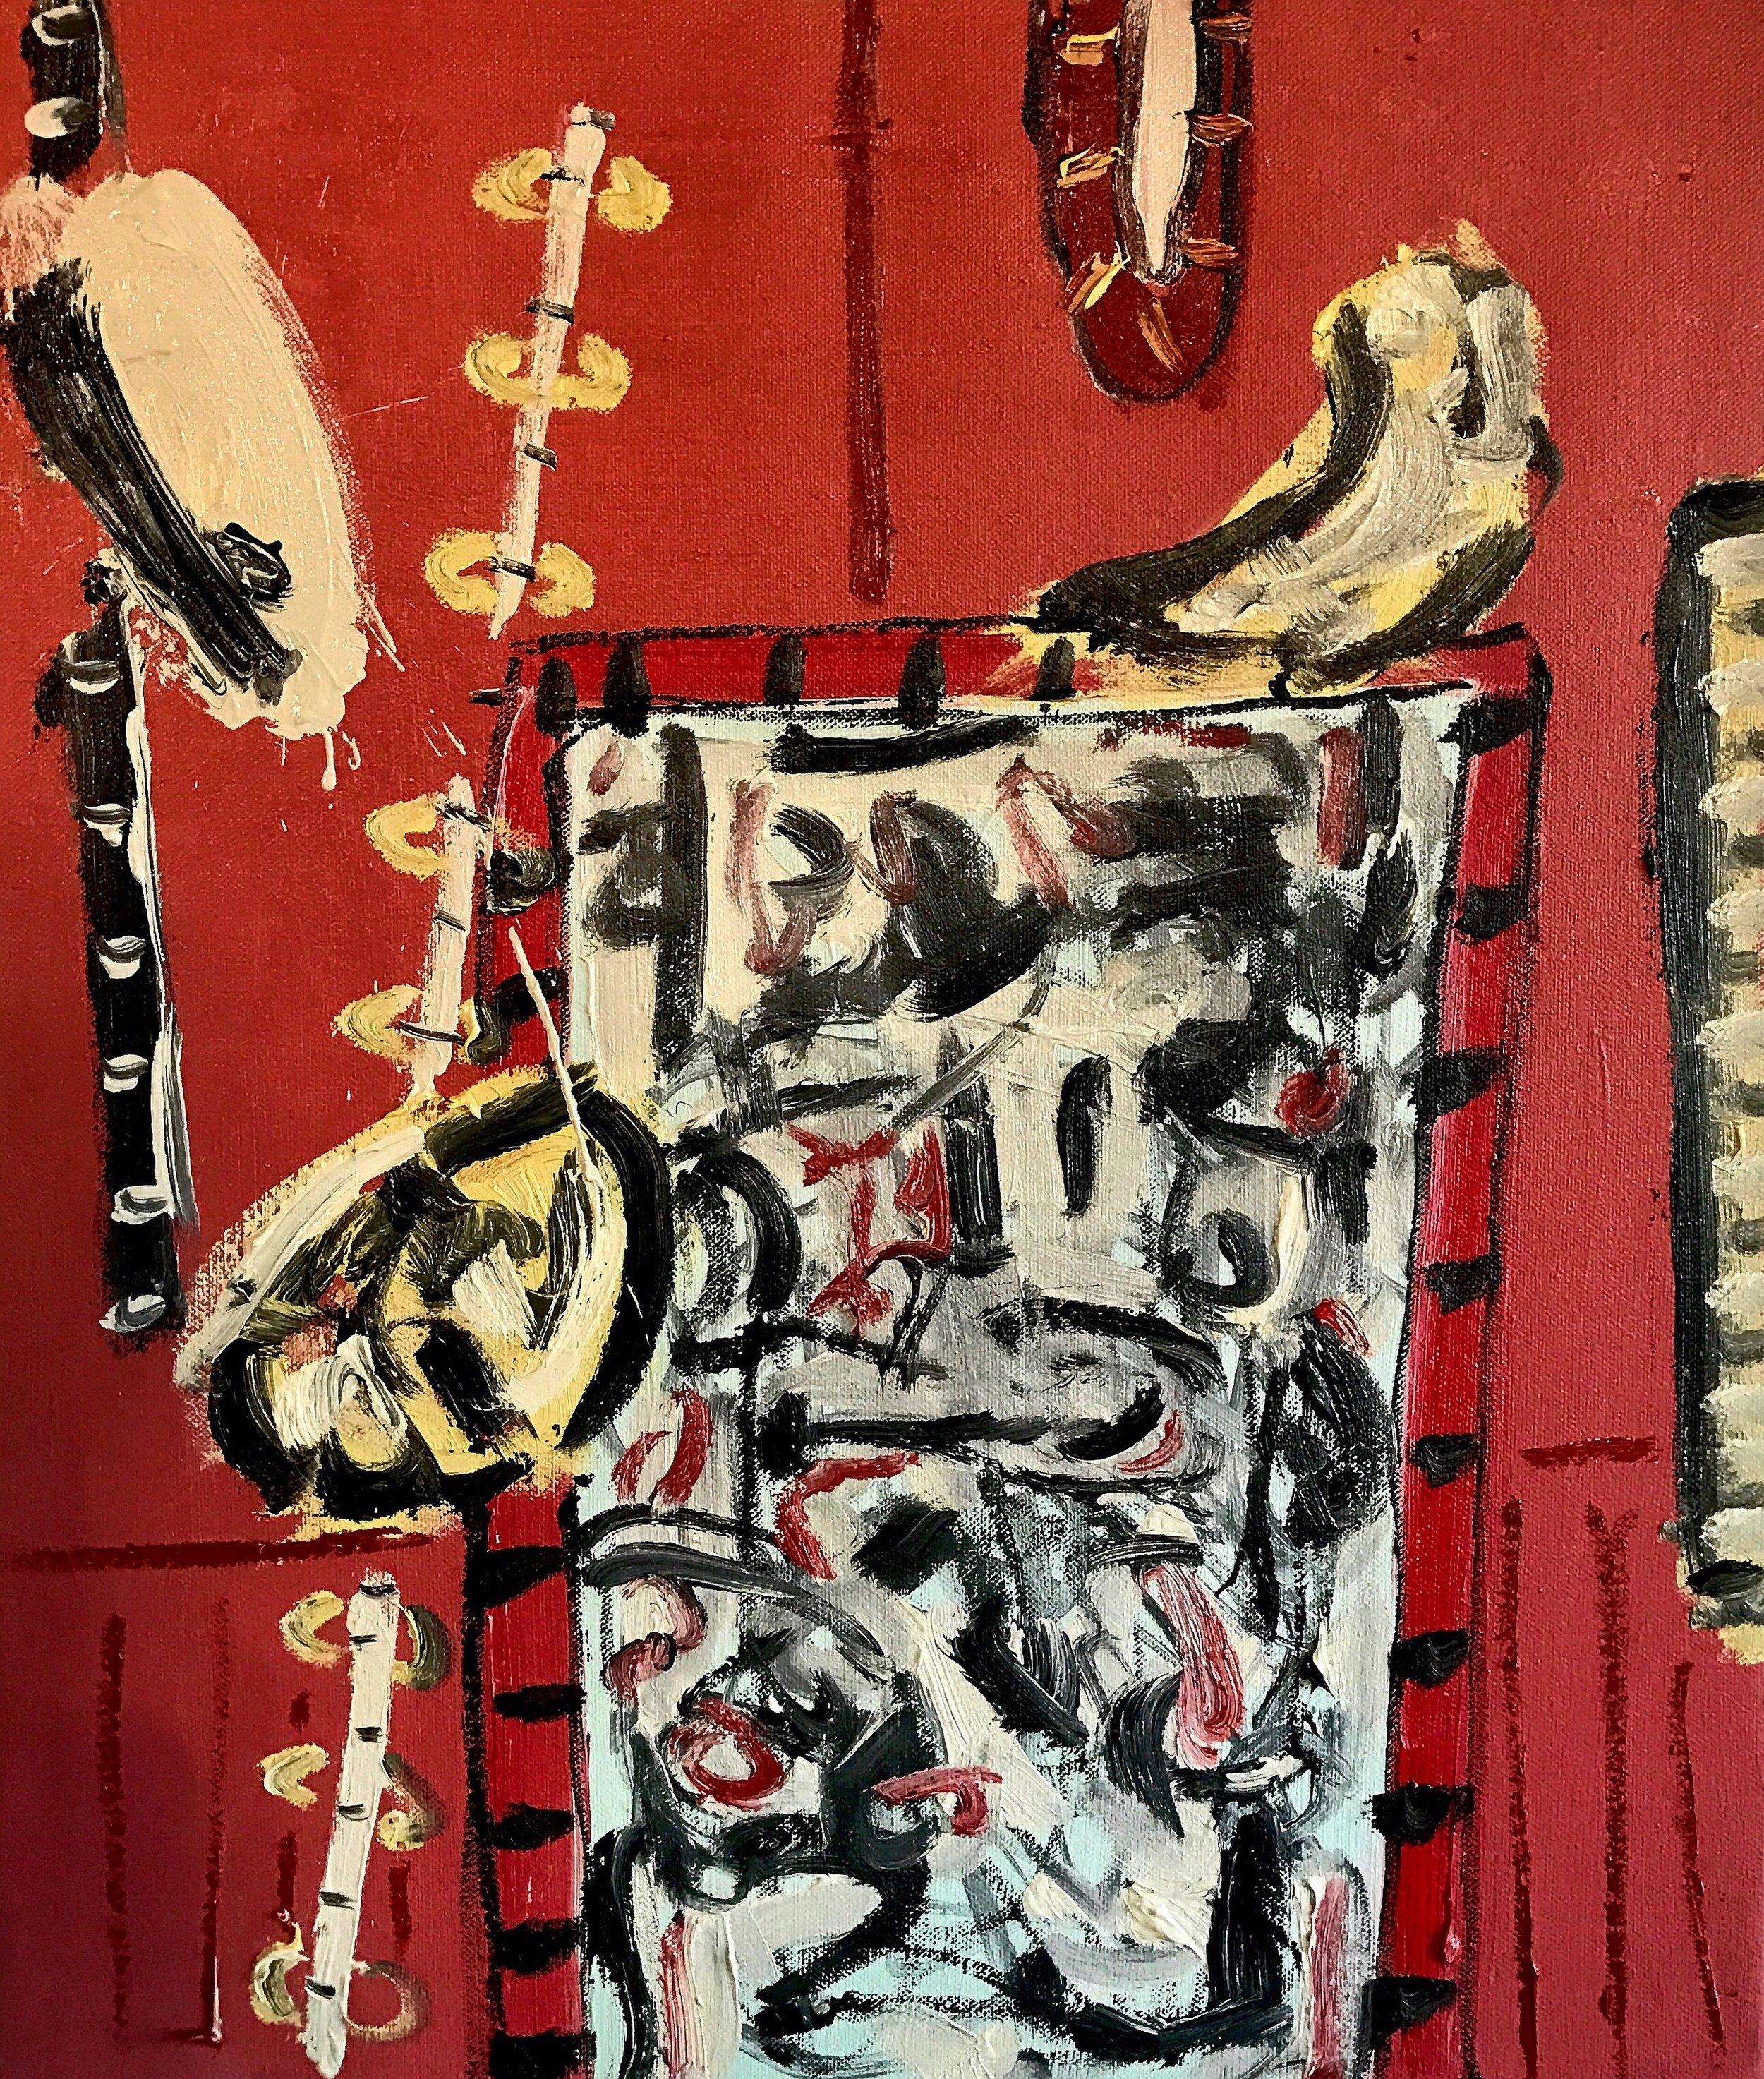 Alec Cumming | Oberio Cocktails | oil on canvas | 50 x 40 cm | £1800